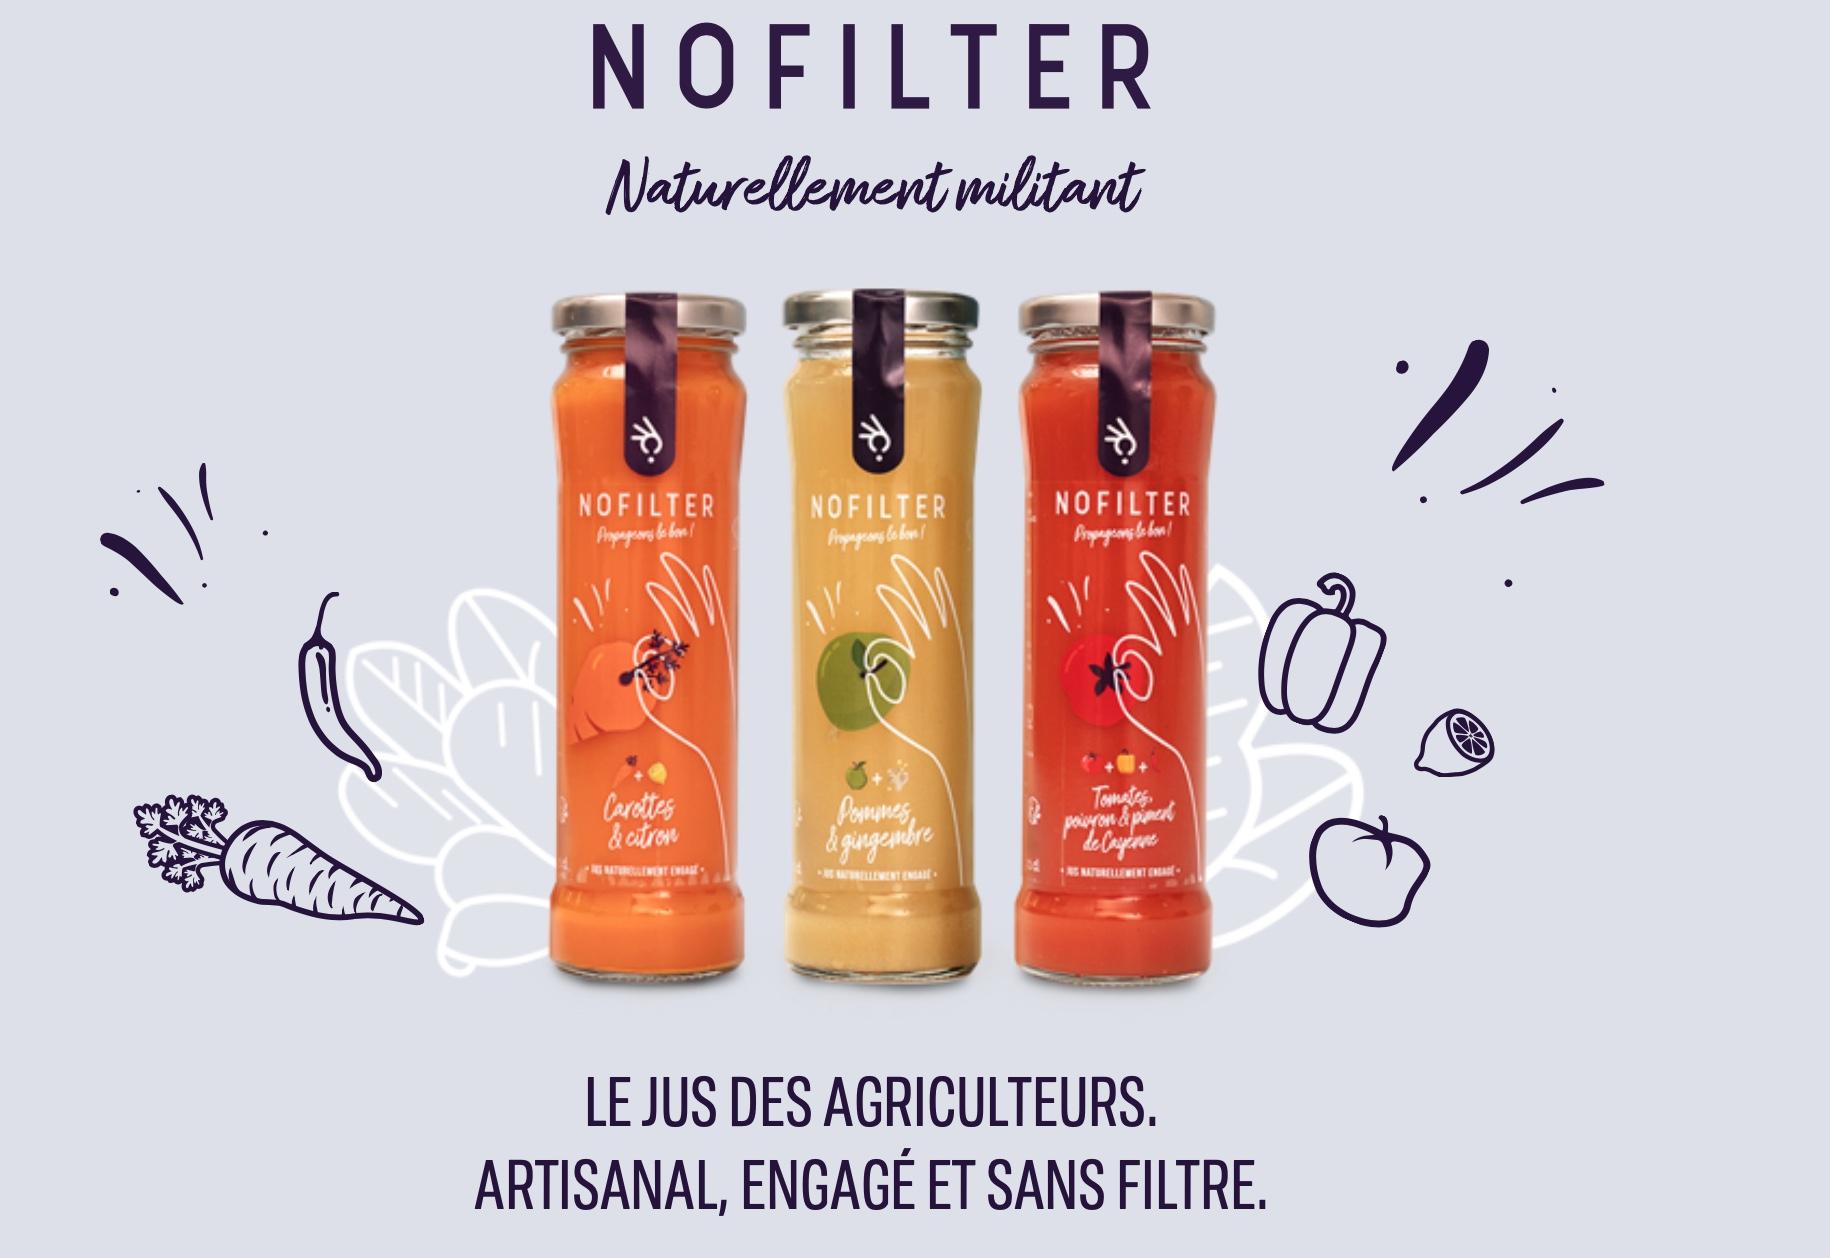 Capture decran 2020 11 18 a 10.48.03 - L'appel de NoFilter pour soutenir les agriculteurs français